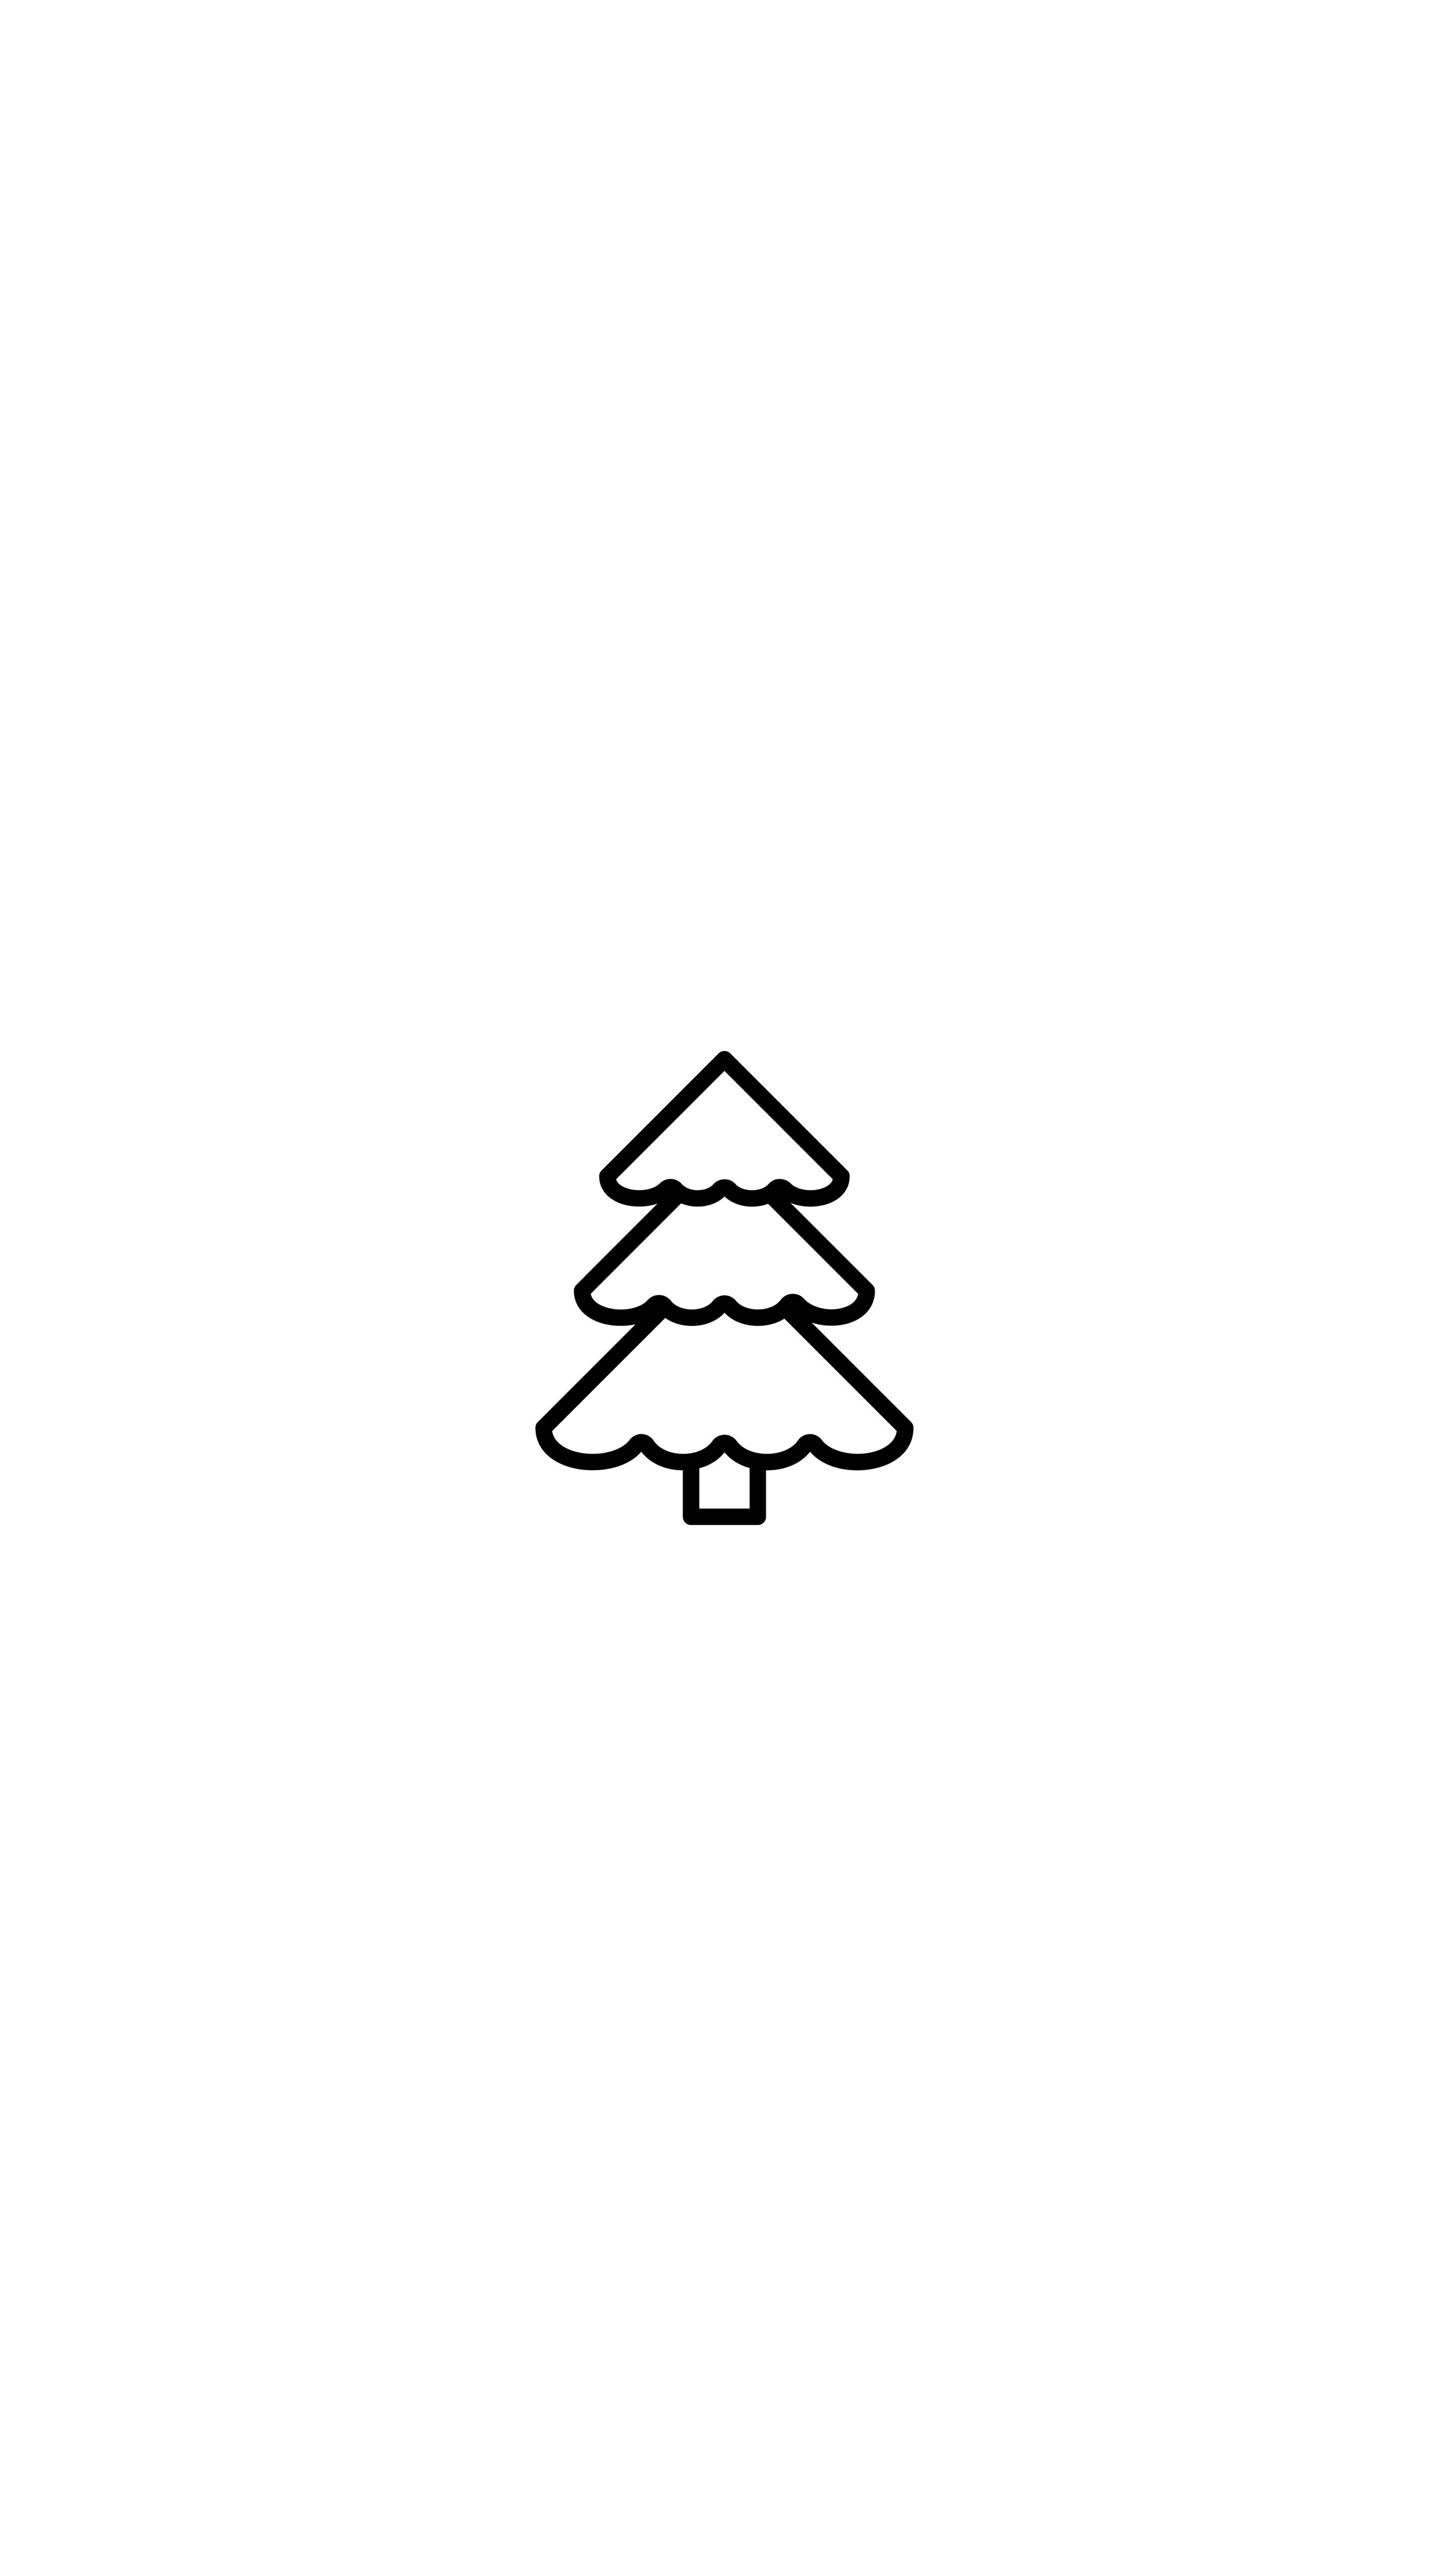 Christmas Tree, Pine Tree